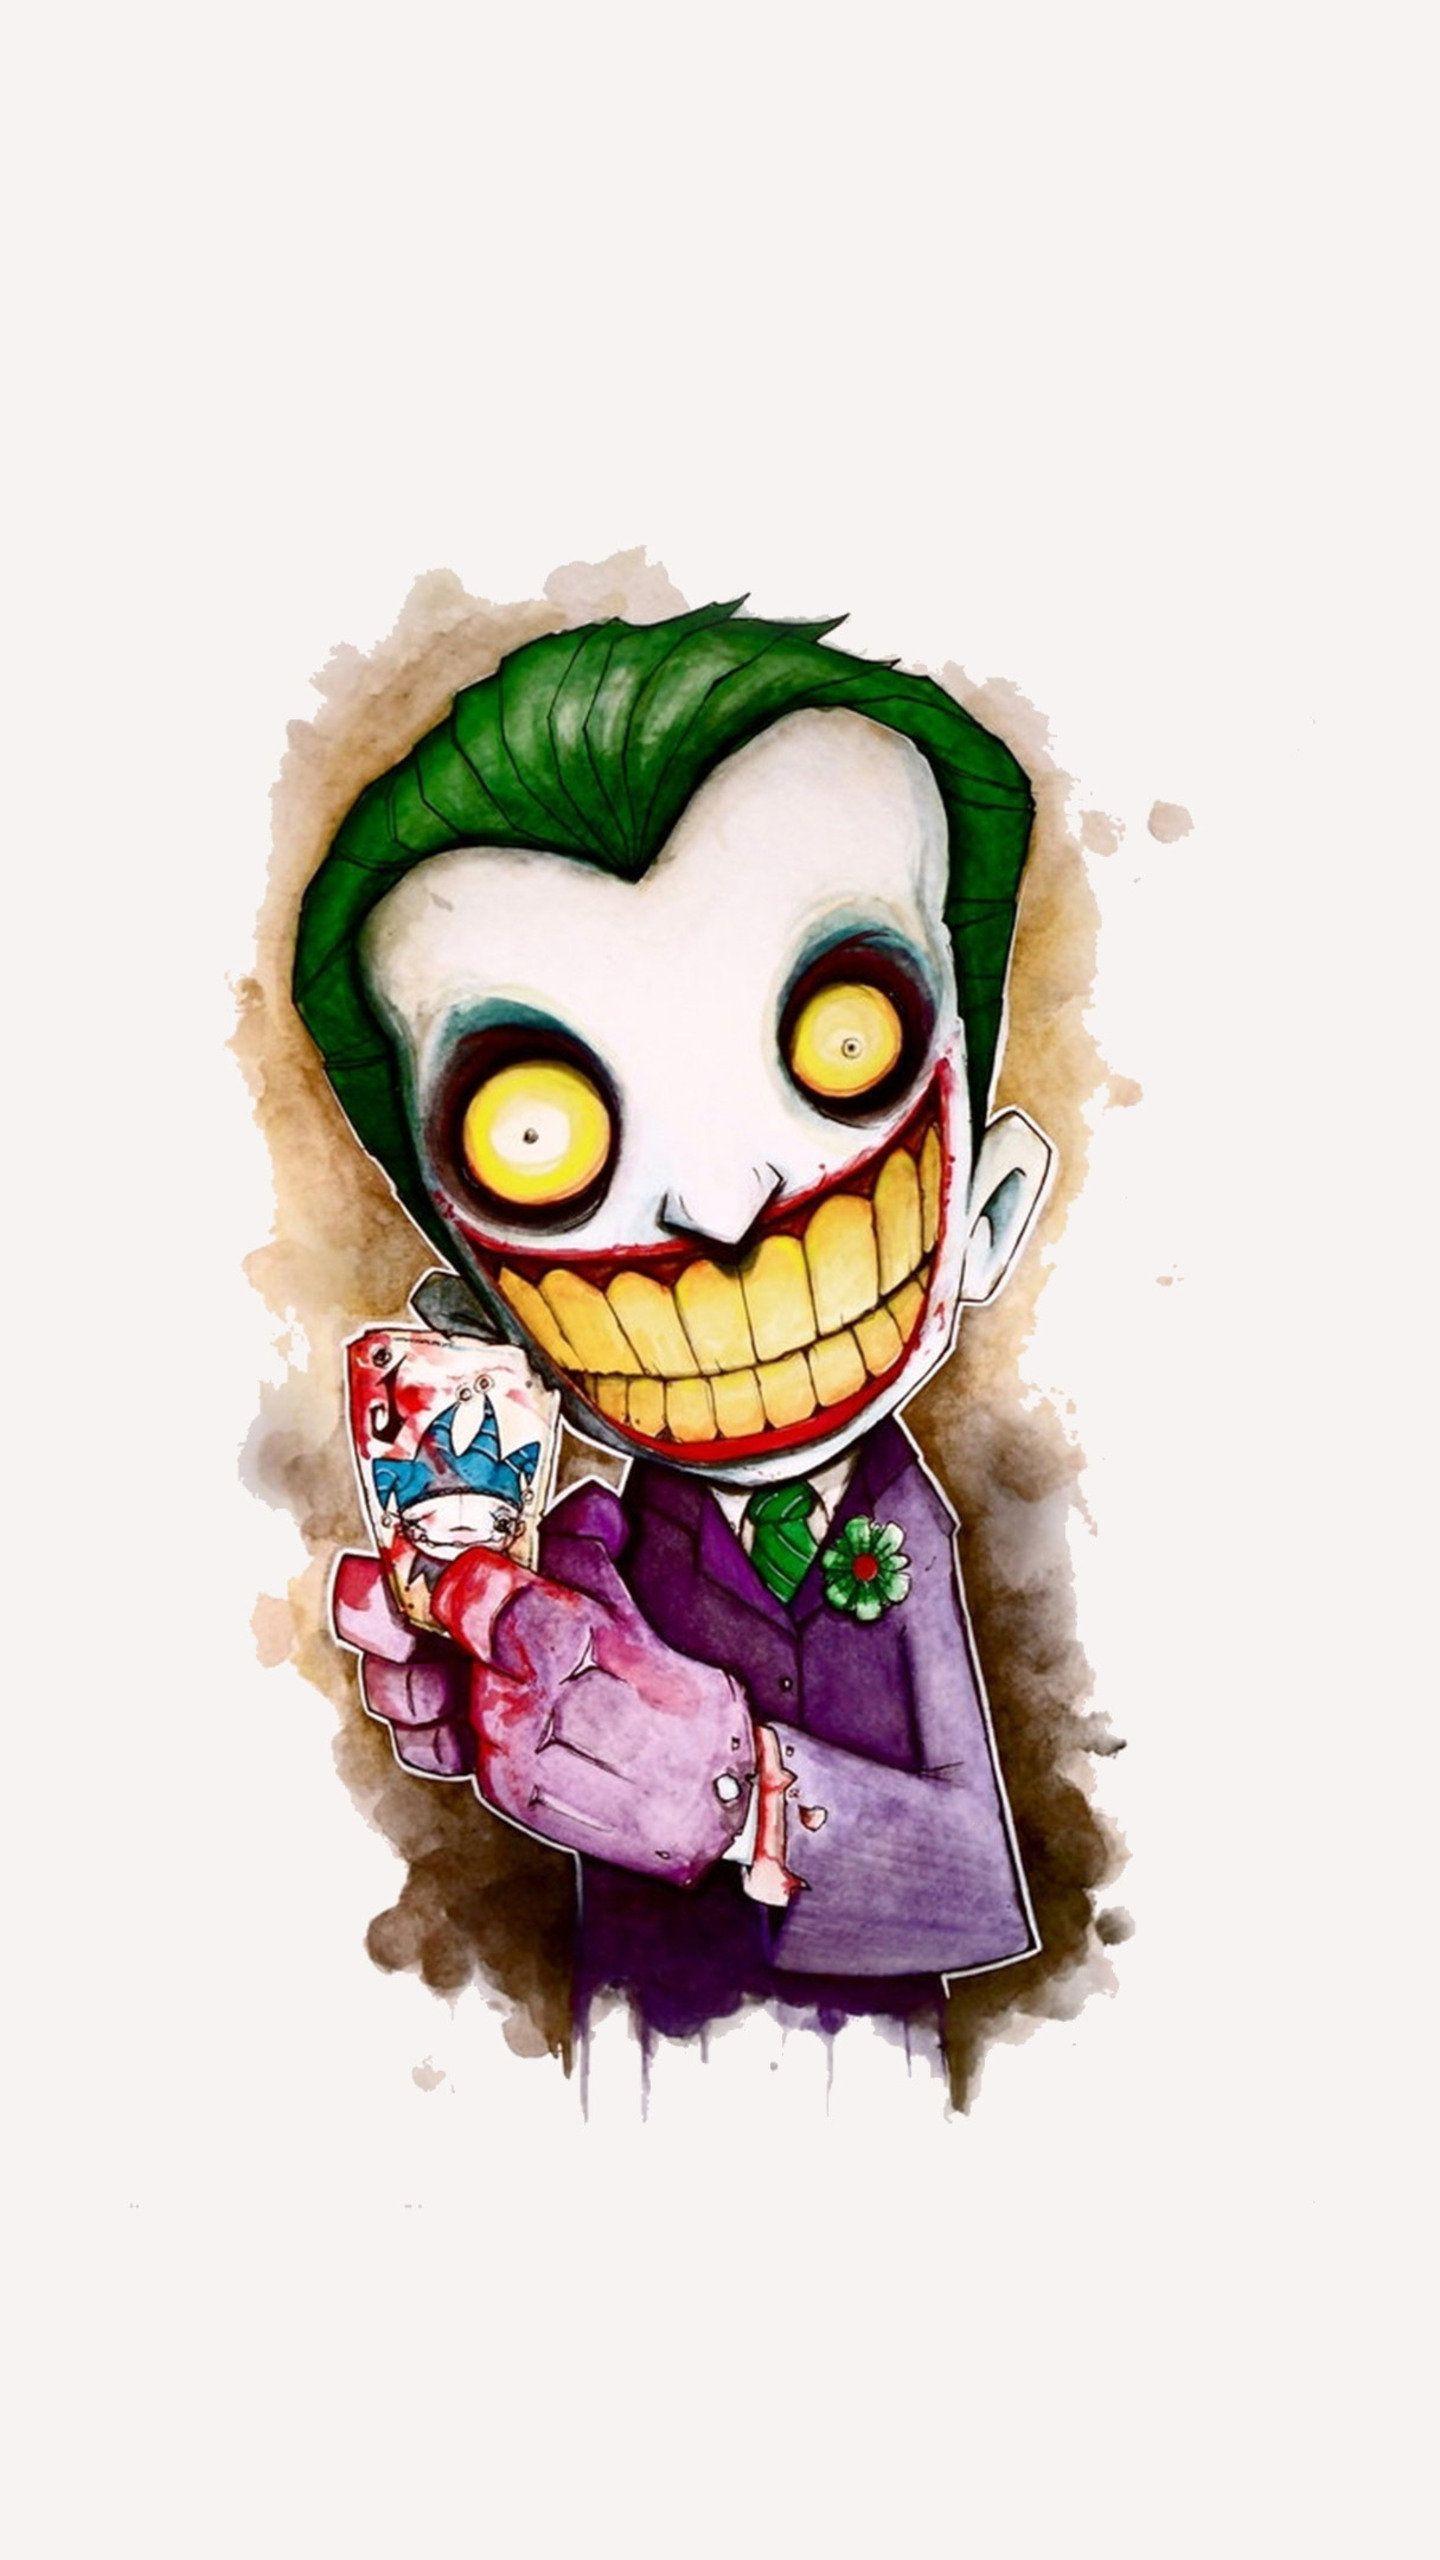 Joker Cartoon 4k Artwork Hd Artist Wallpapers Photos And Pictures